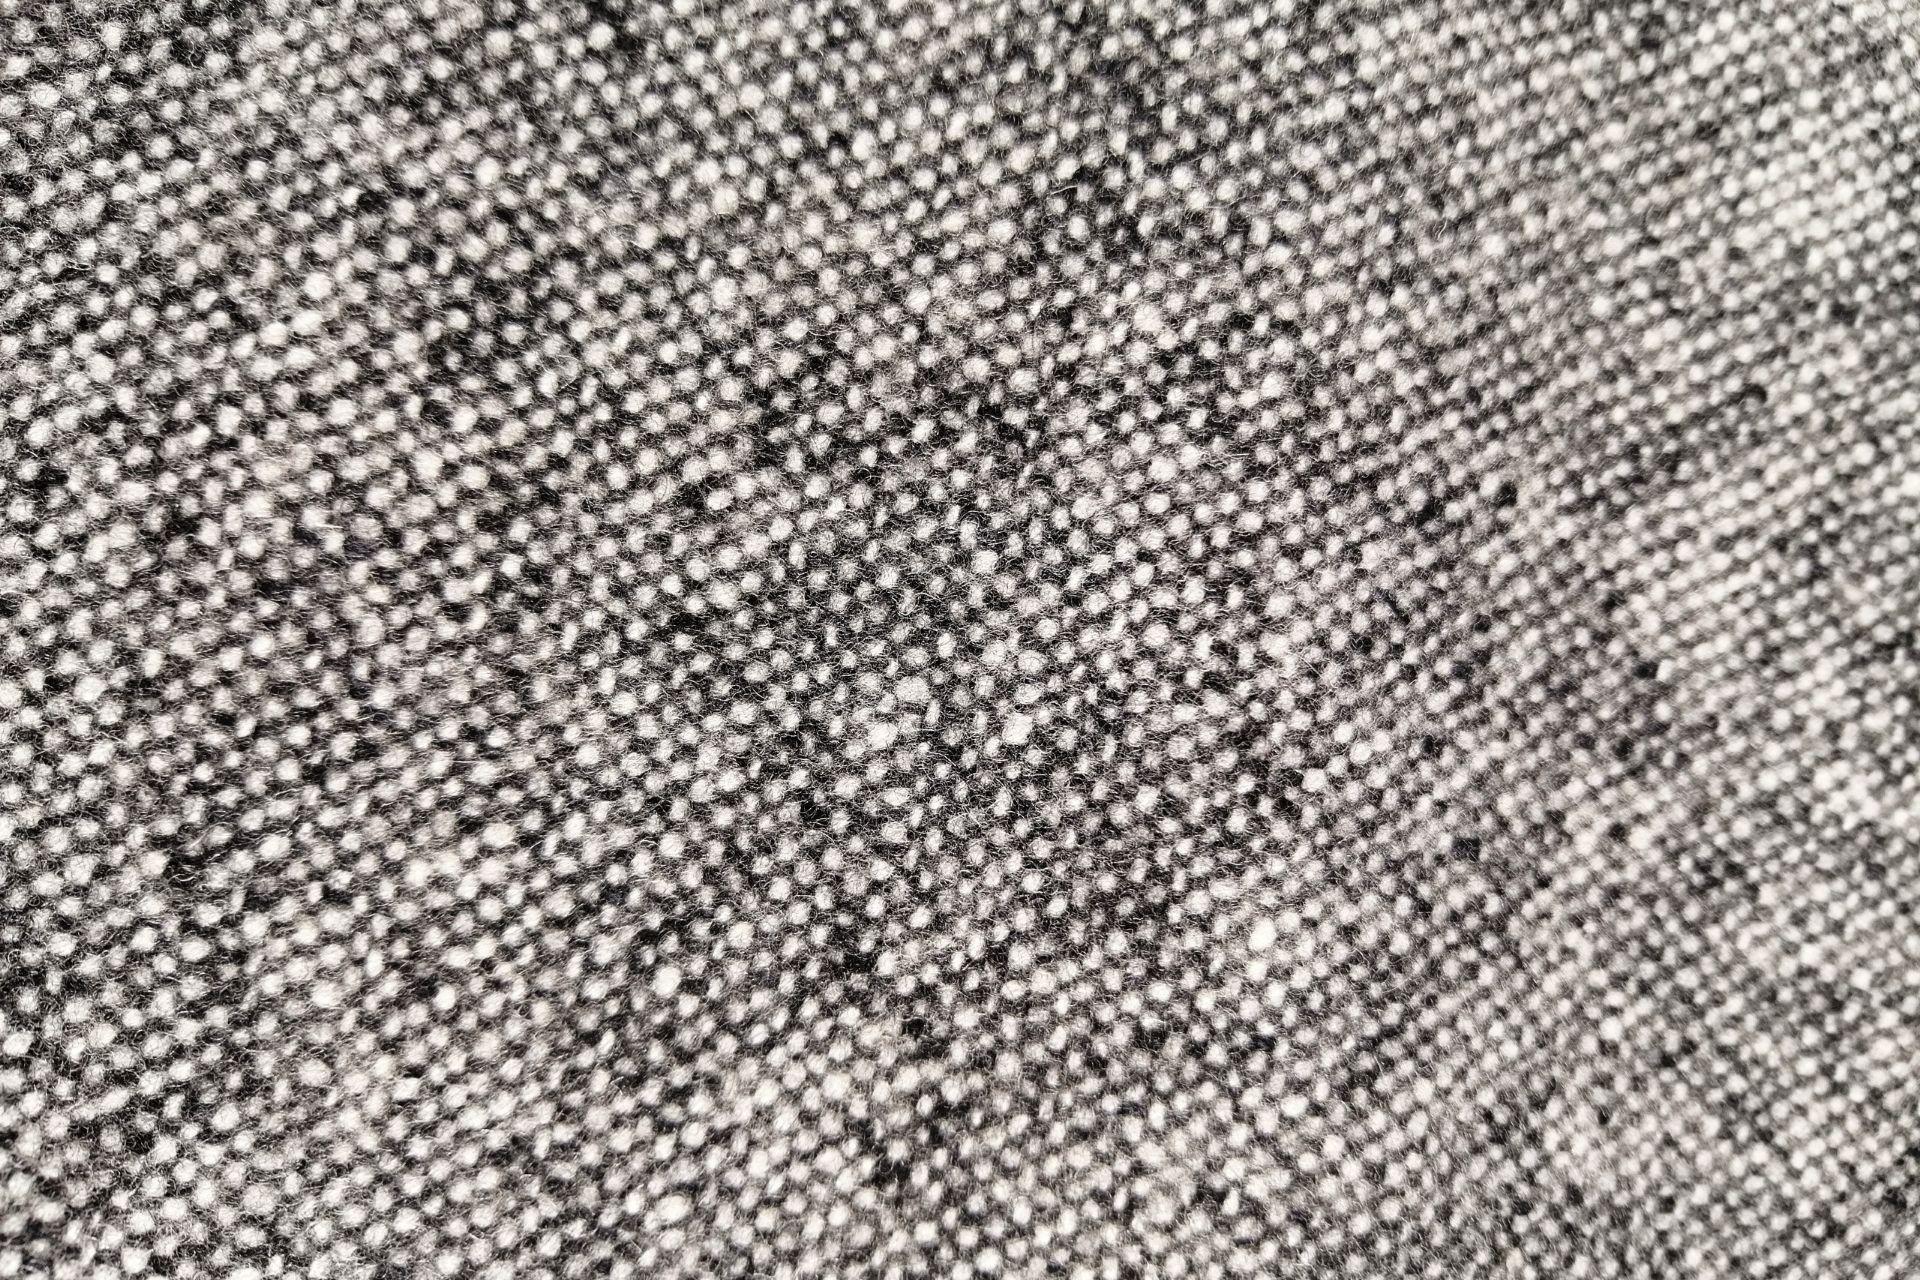 46001 Tweed Col.332